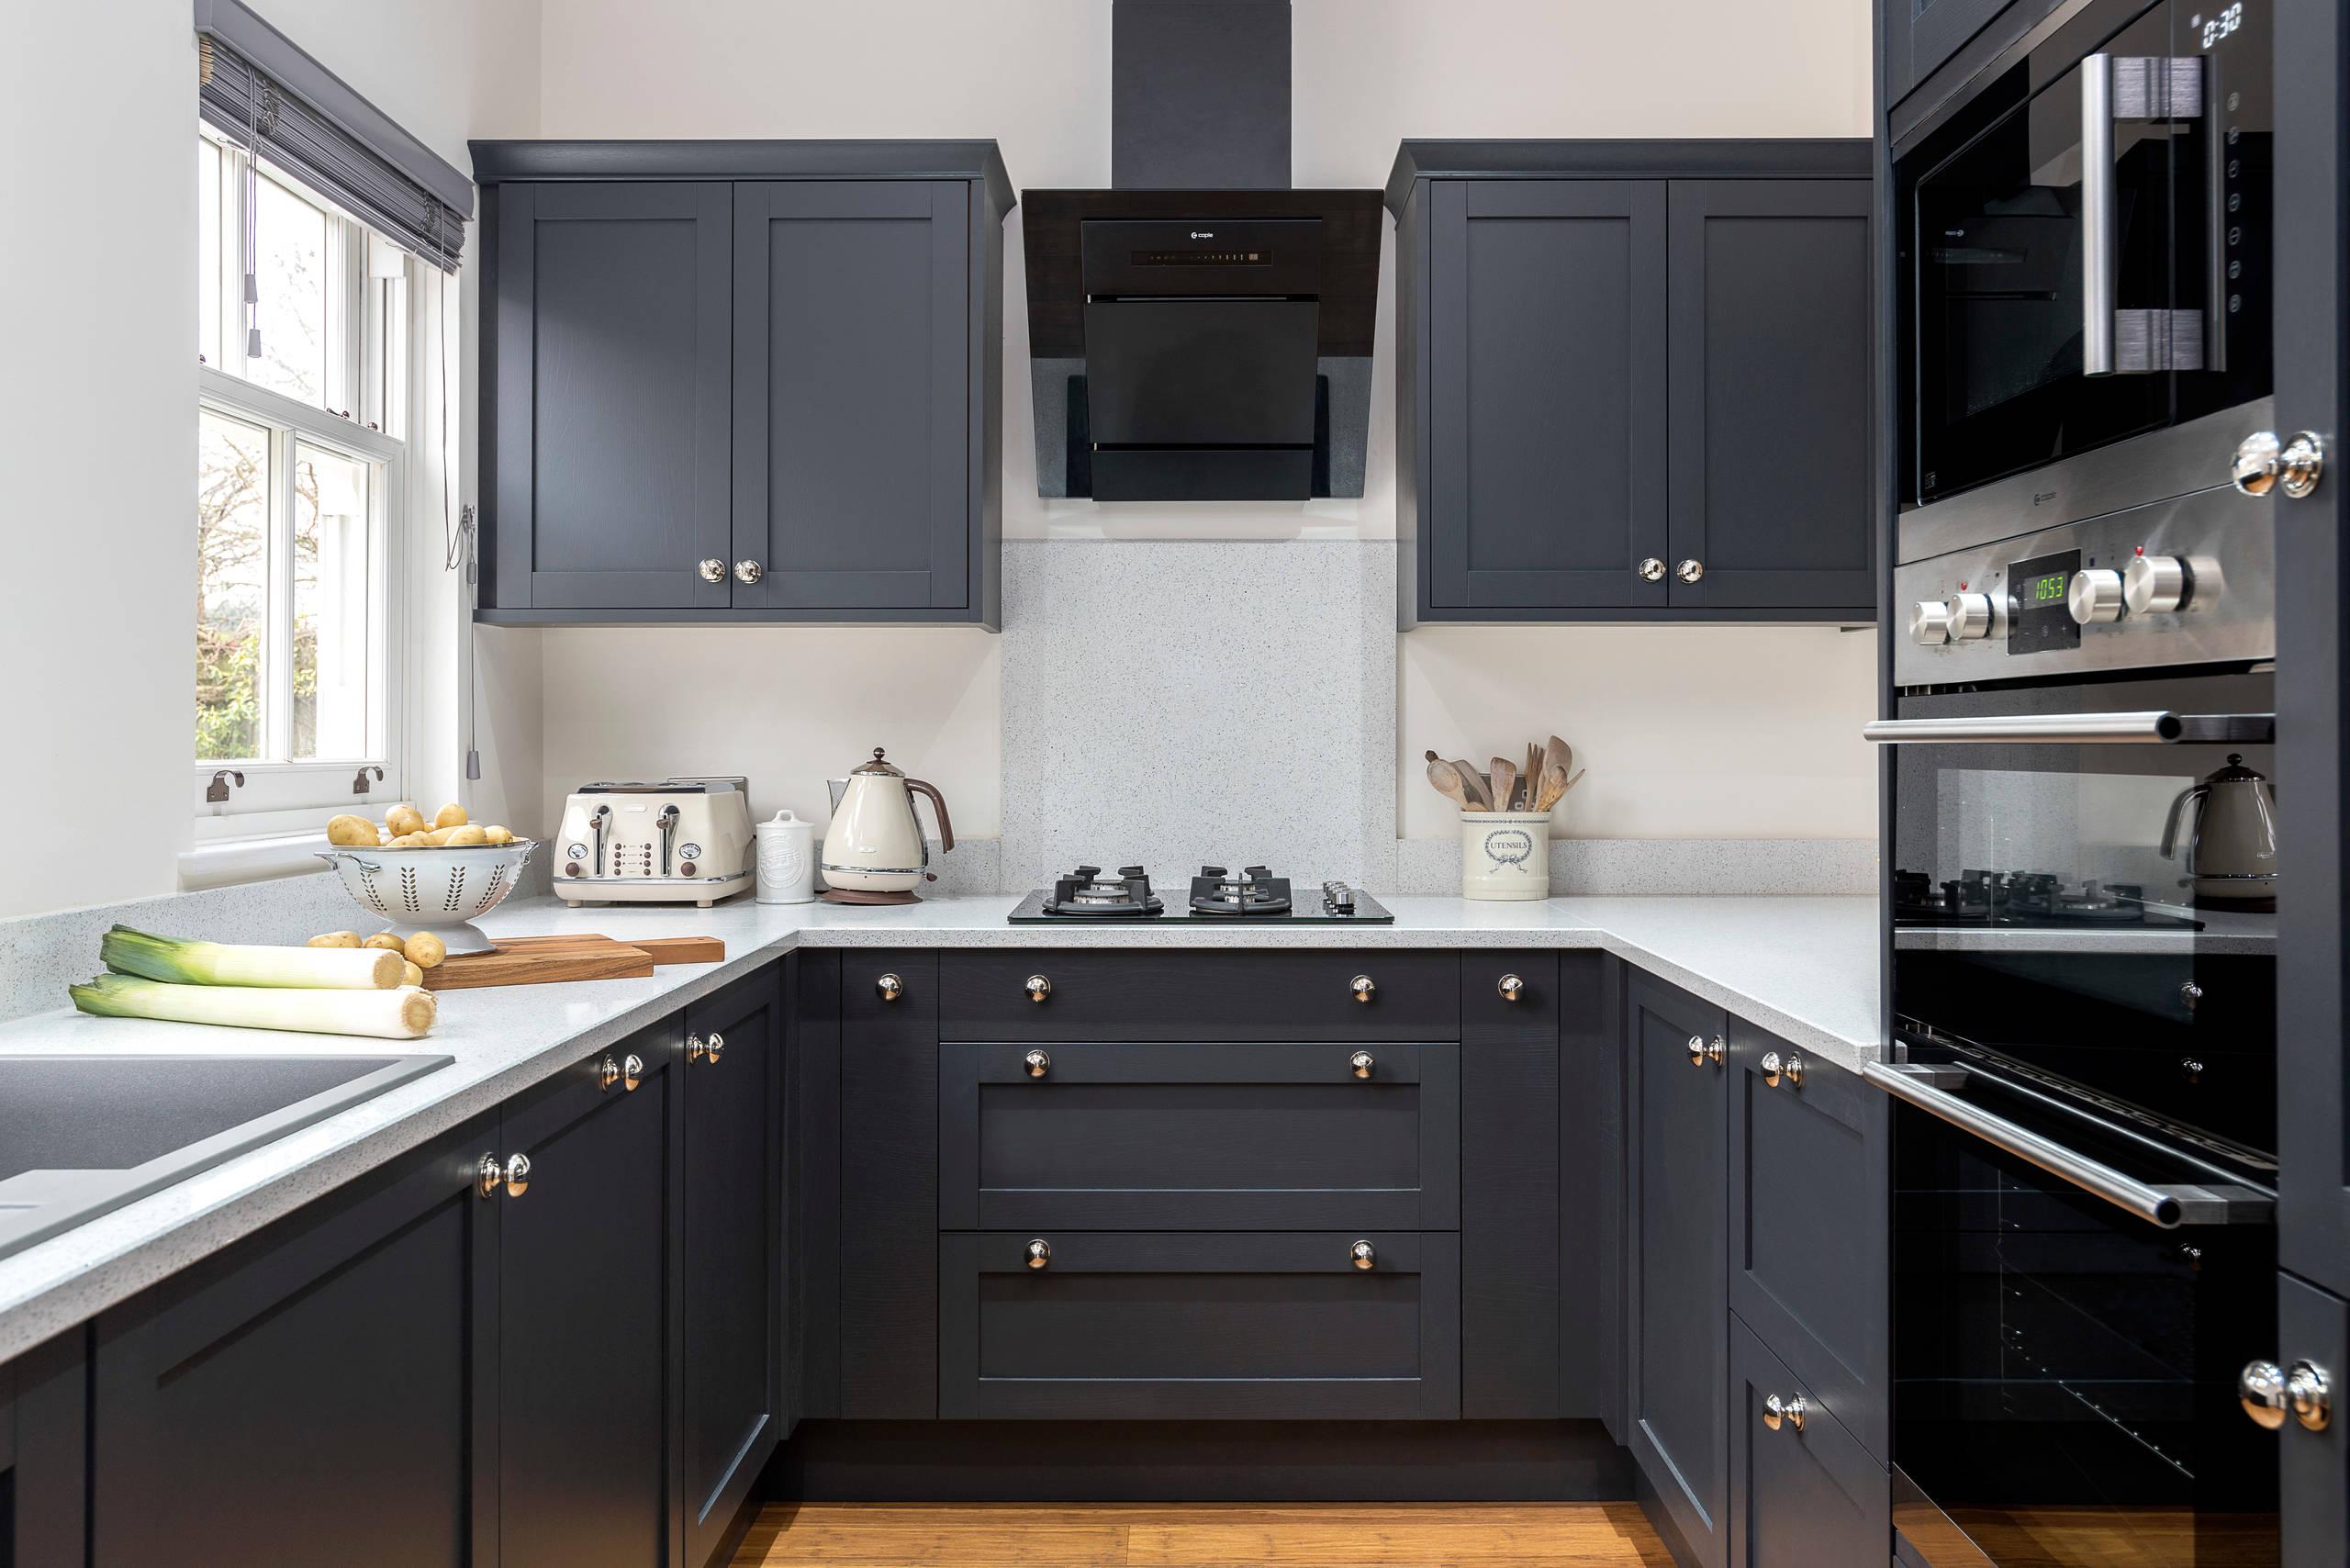 Dark Shaker Cabinets Kitchen Ideas Photos Houzz